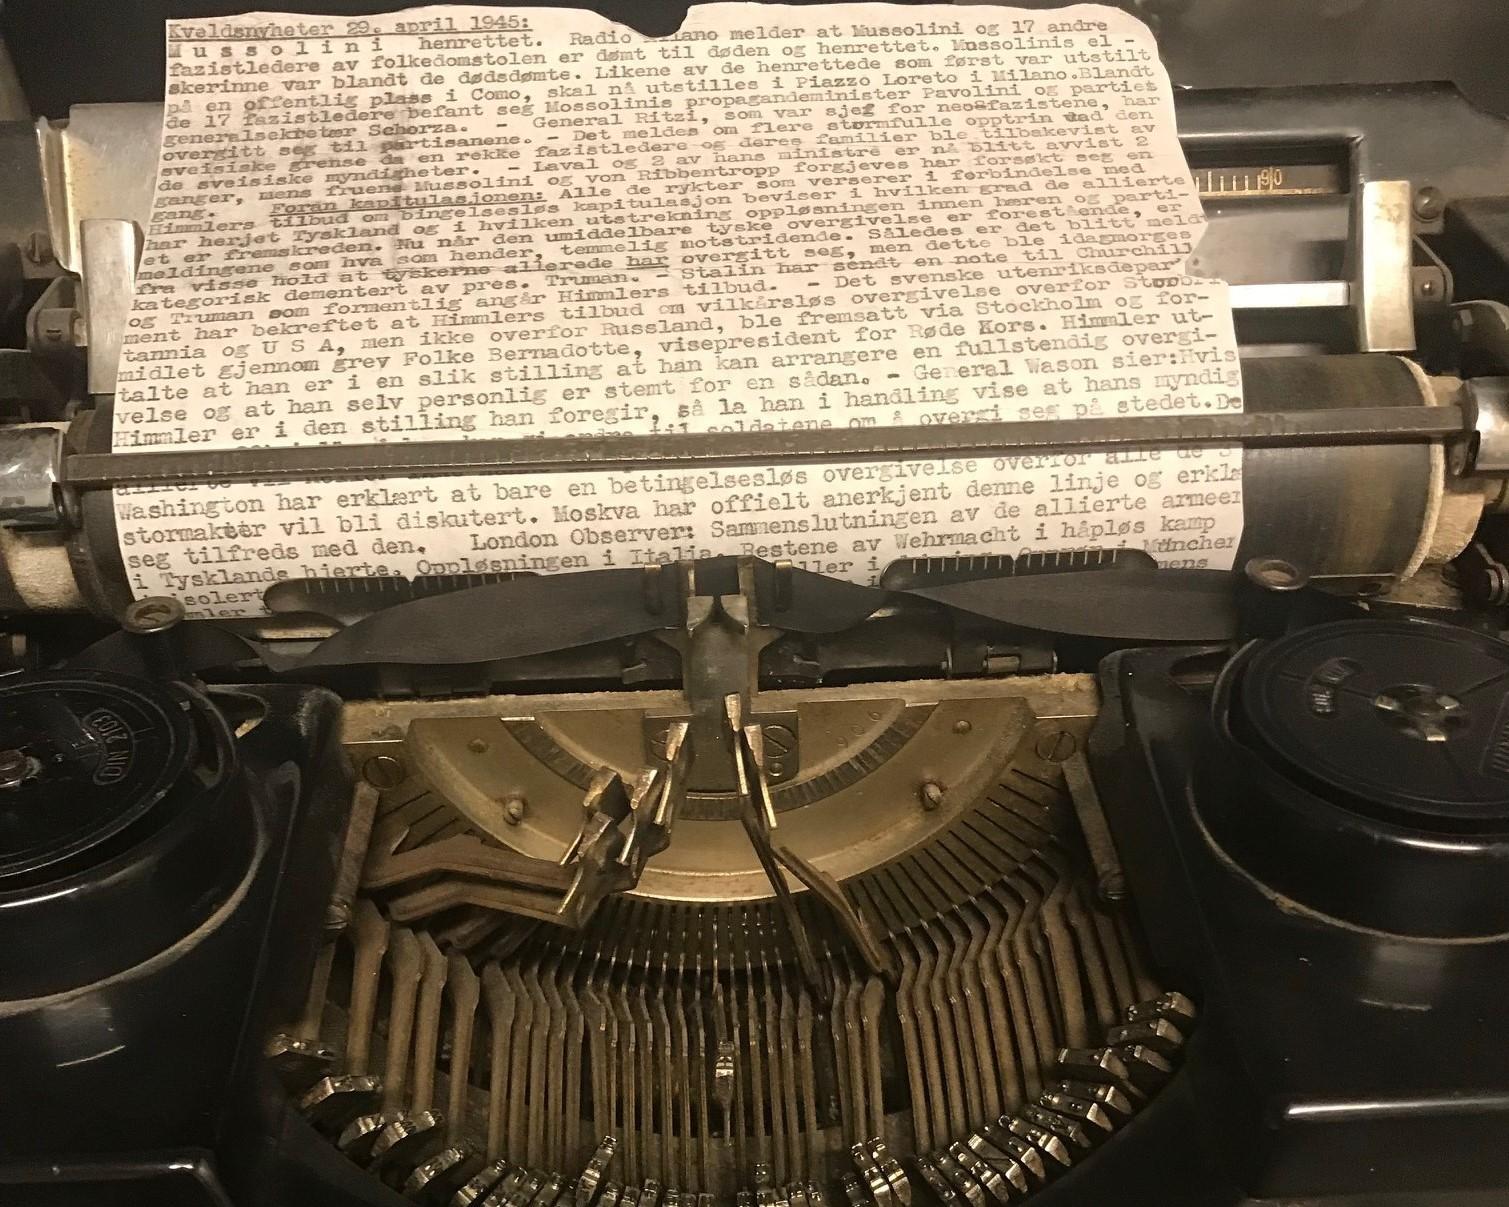 Skrivemaskin Liggende